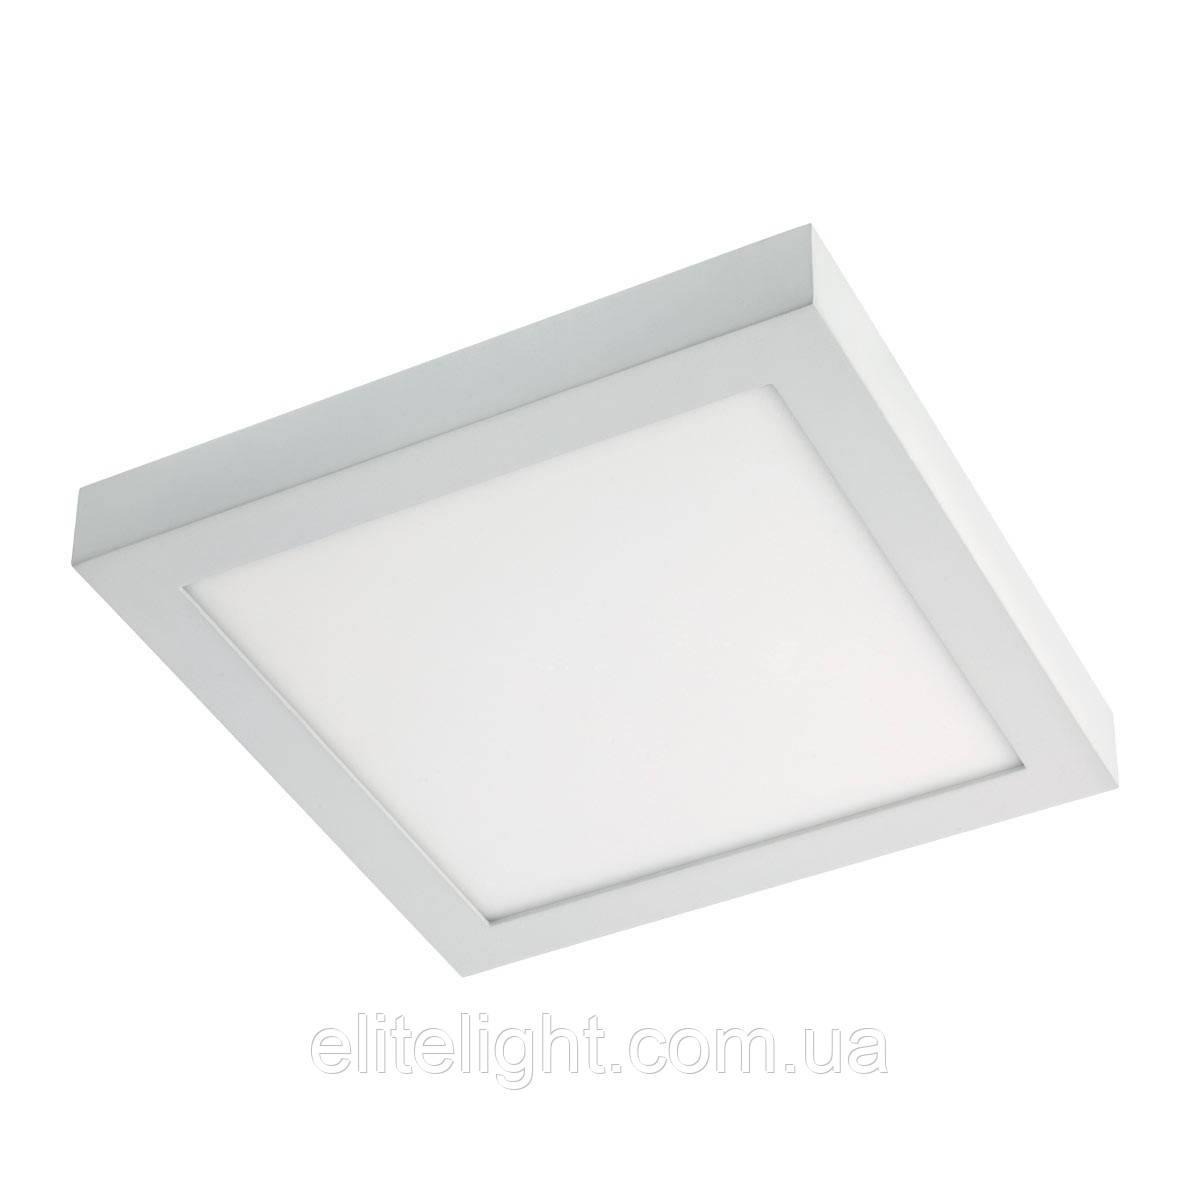 Потолочный светильник Arelux XFORM SQUARE